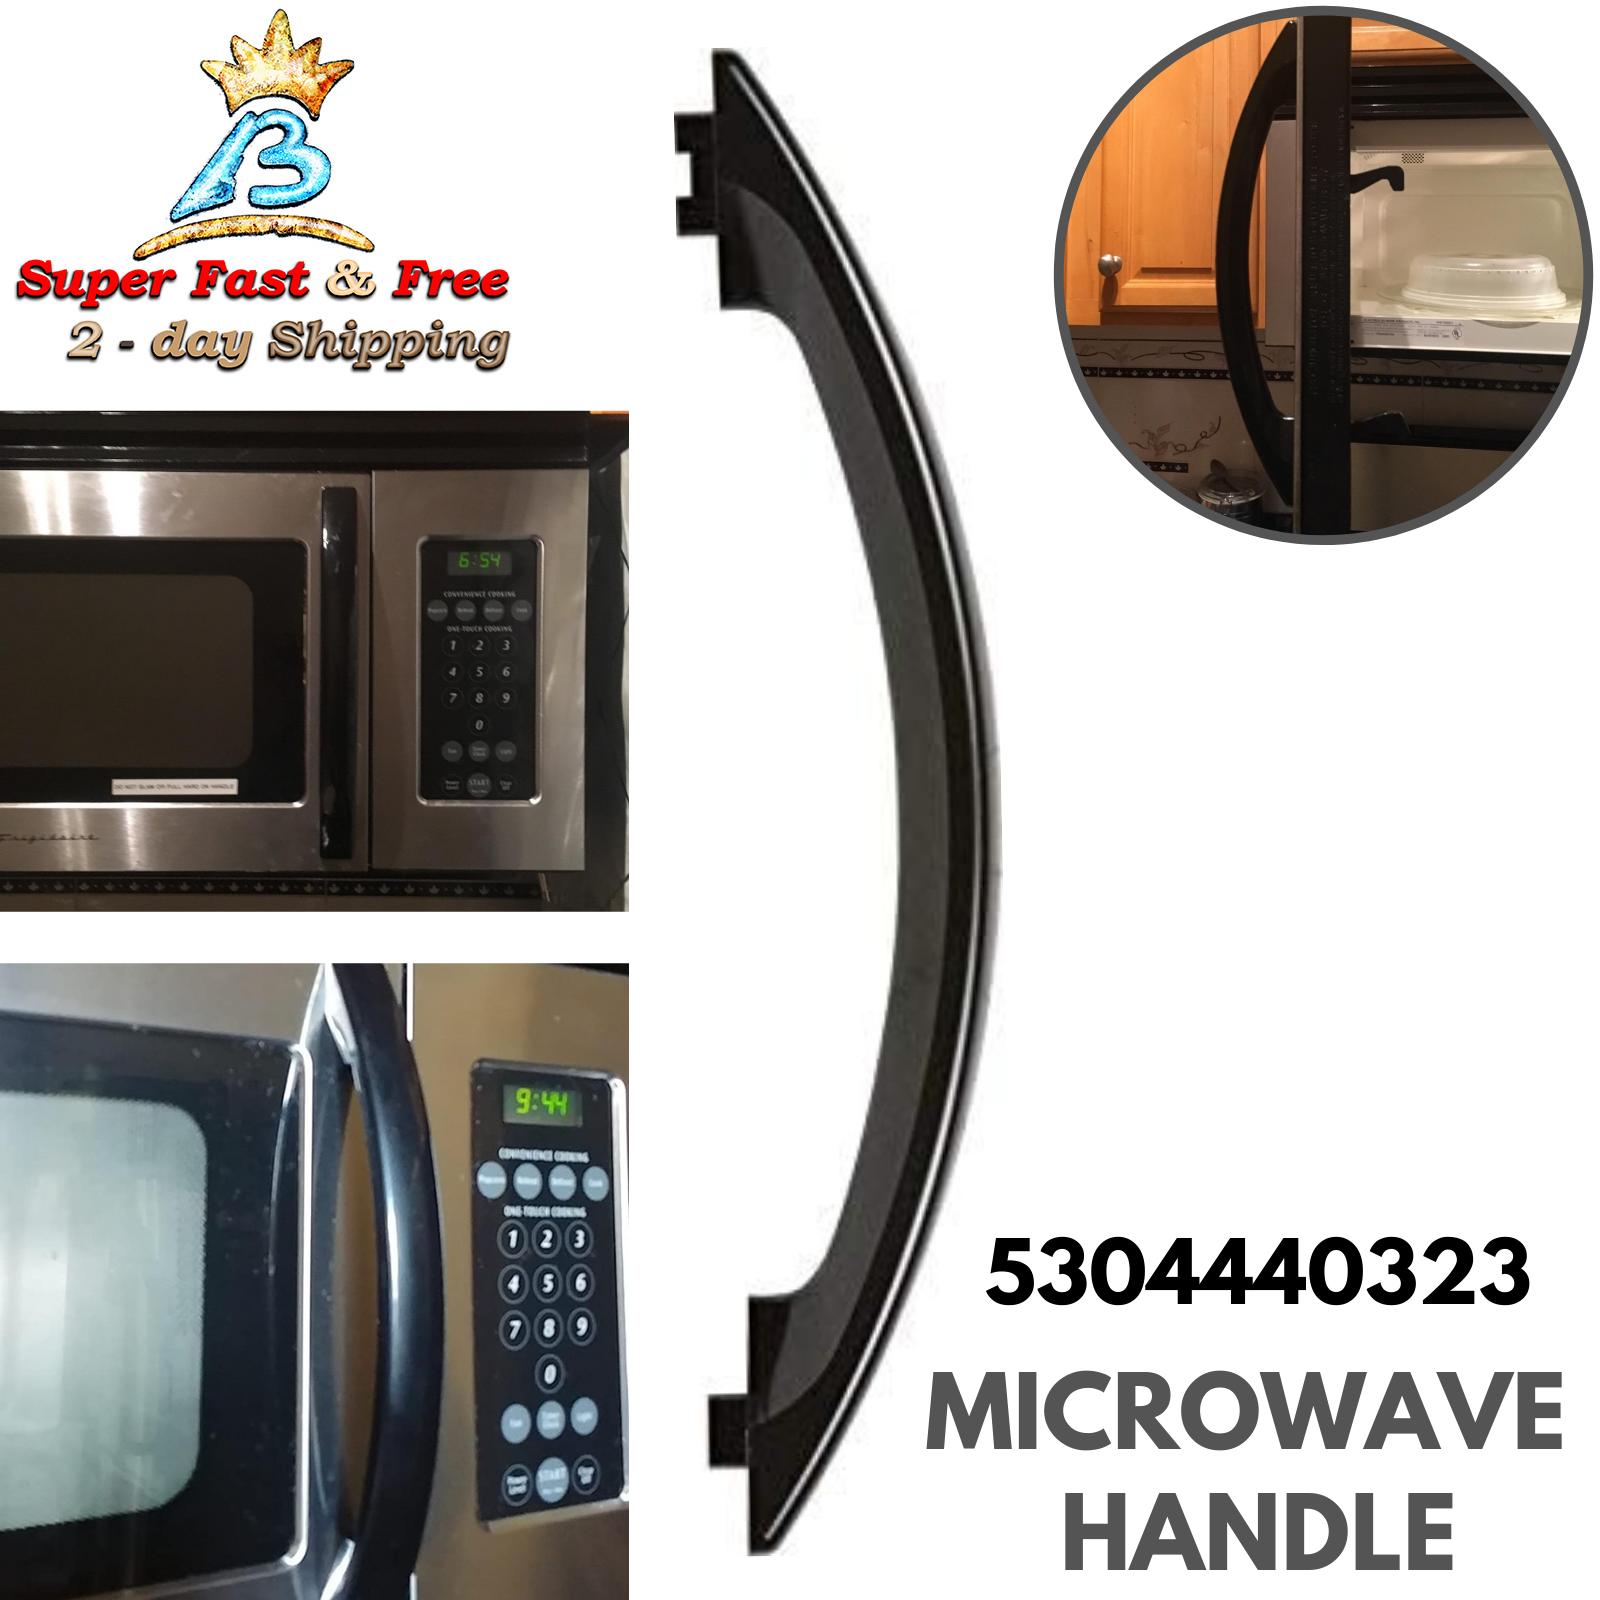 OEM Frigidaire 5304440323 Microwave Door Handle